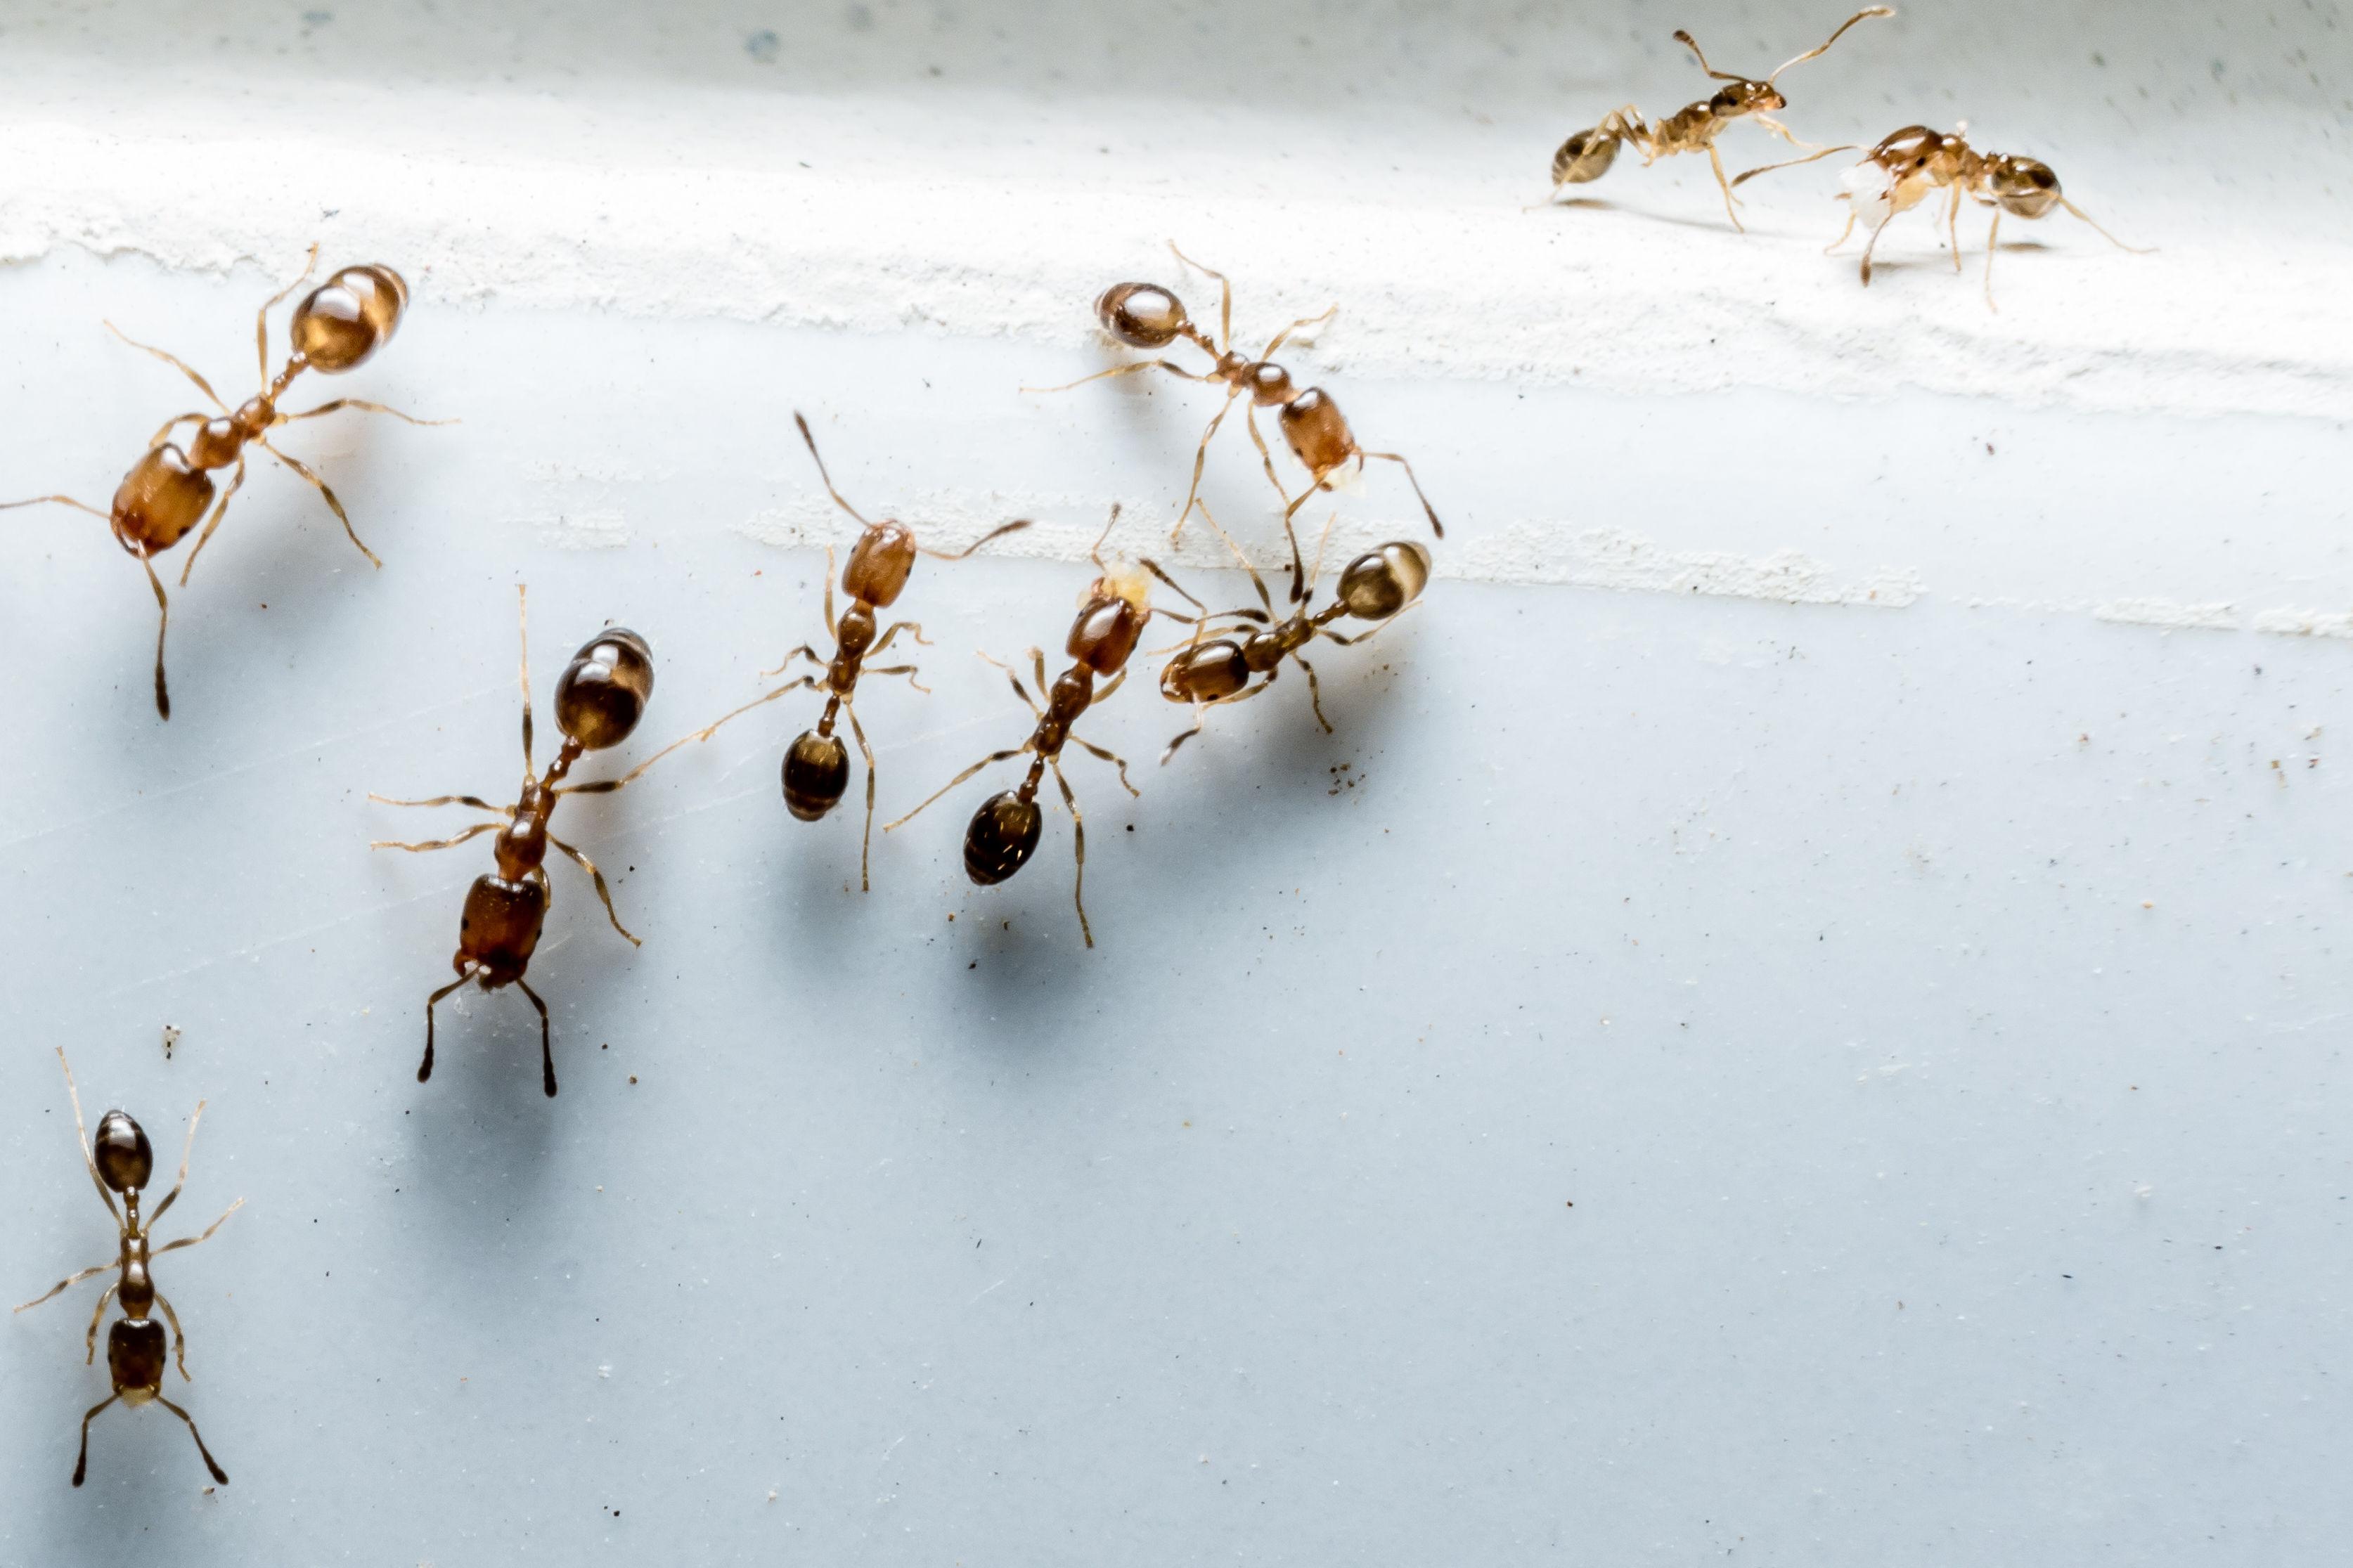 Ameisen bekämpfen & erfolgreich vertreiben - Plantura